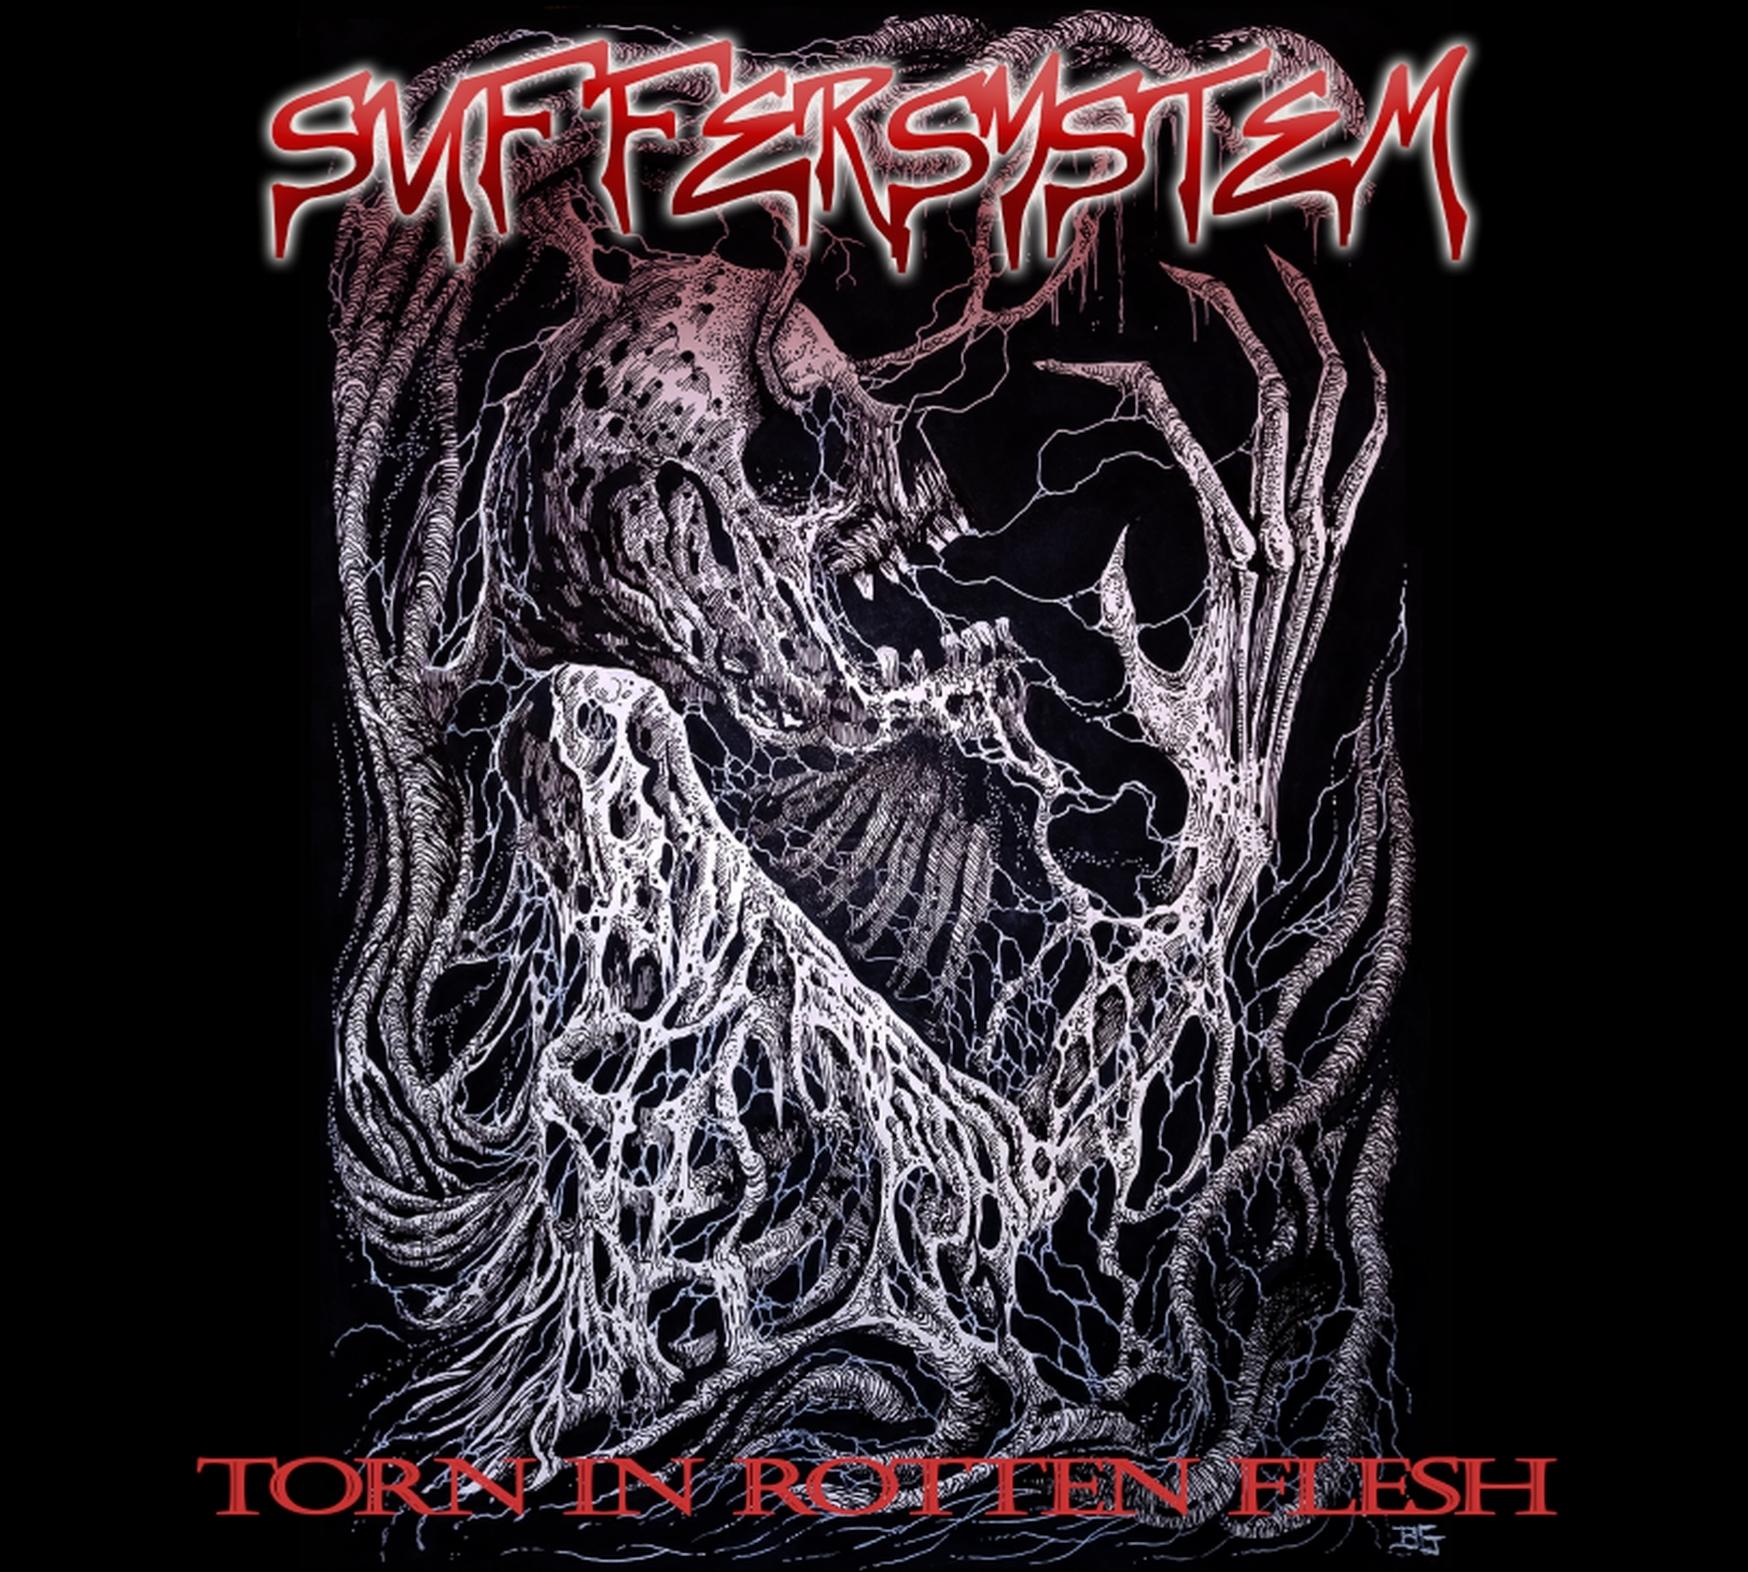 suffersystem-torn-in-rotten-flesh-ein-album-review